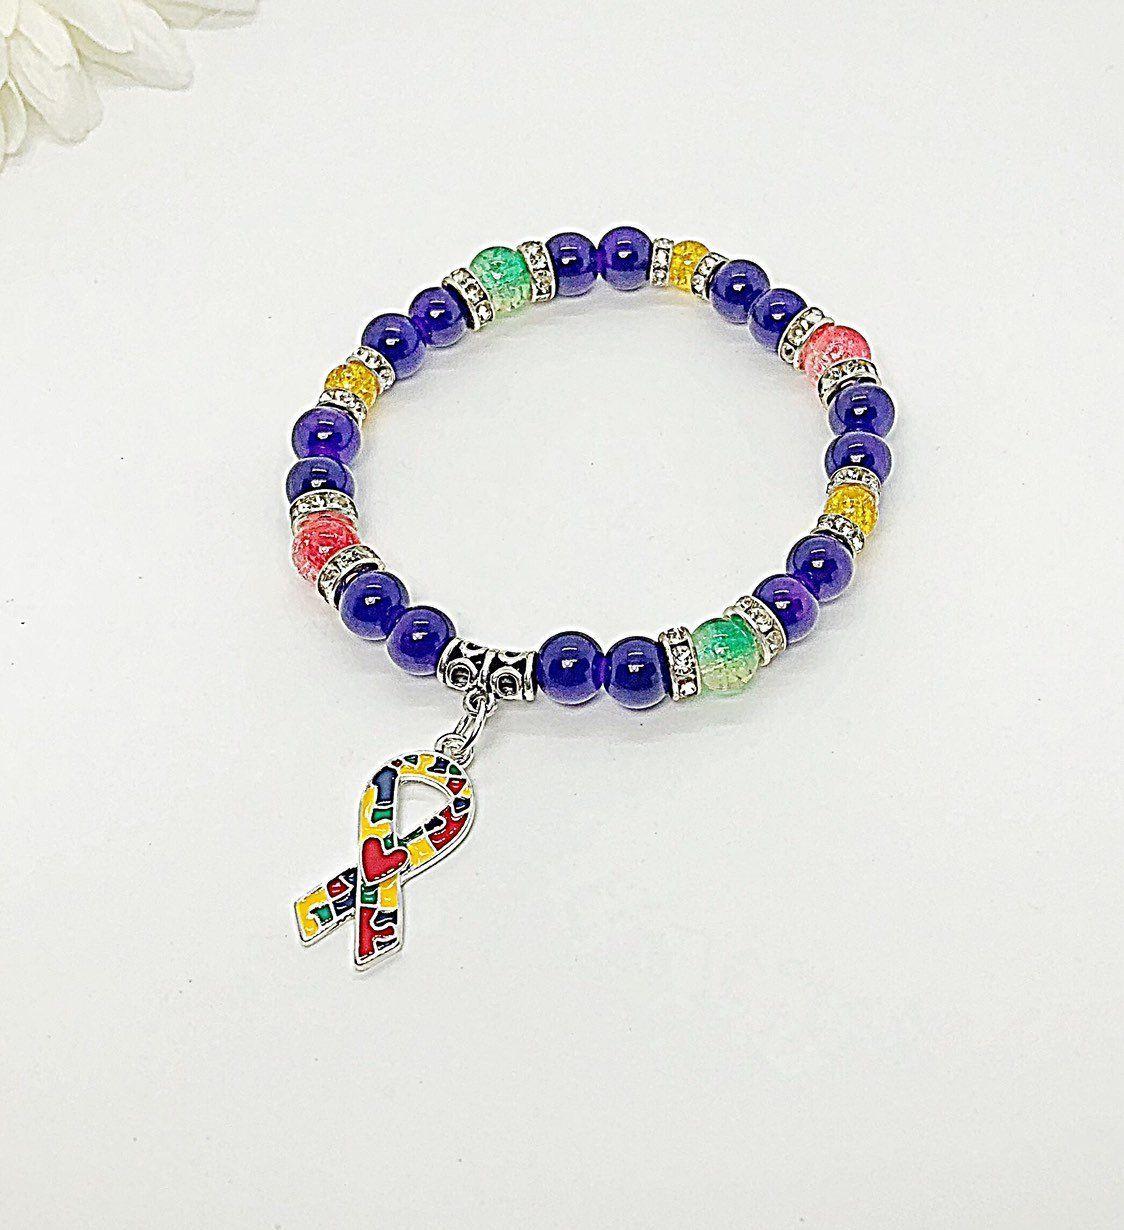 Pin By Bevasbracelets On Autism Bracelets In 2020 Autism Awareness Bracelet Autism Bracelets Awareness Jewelry